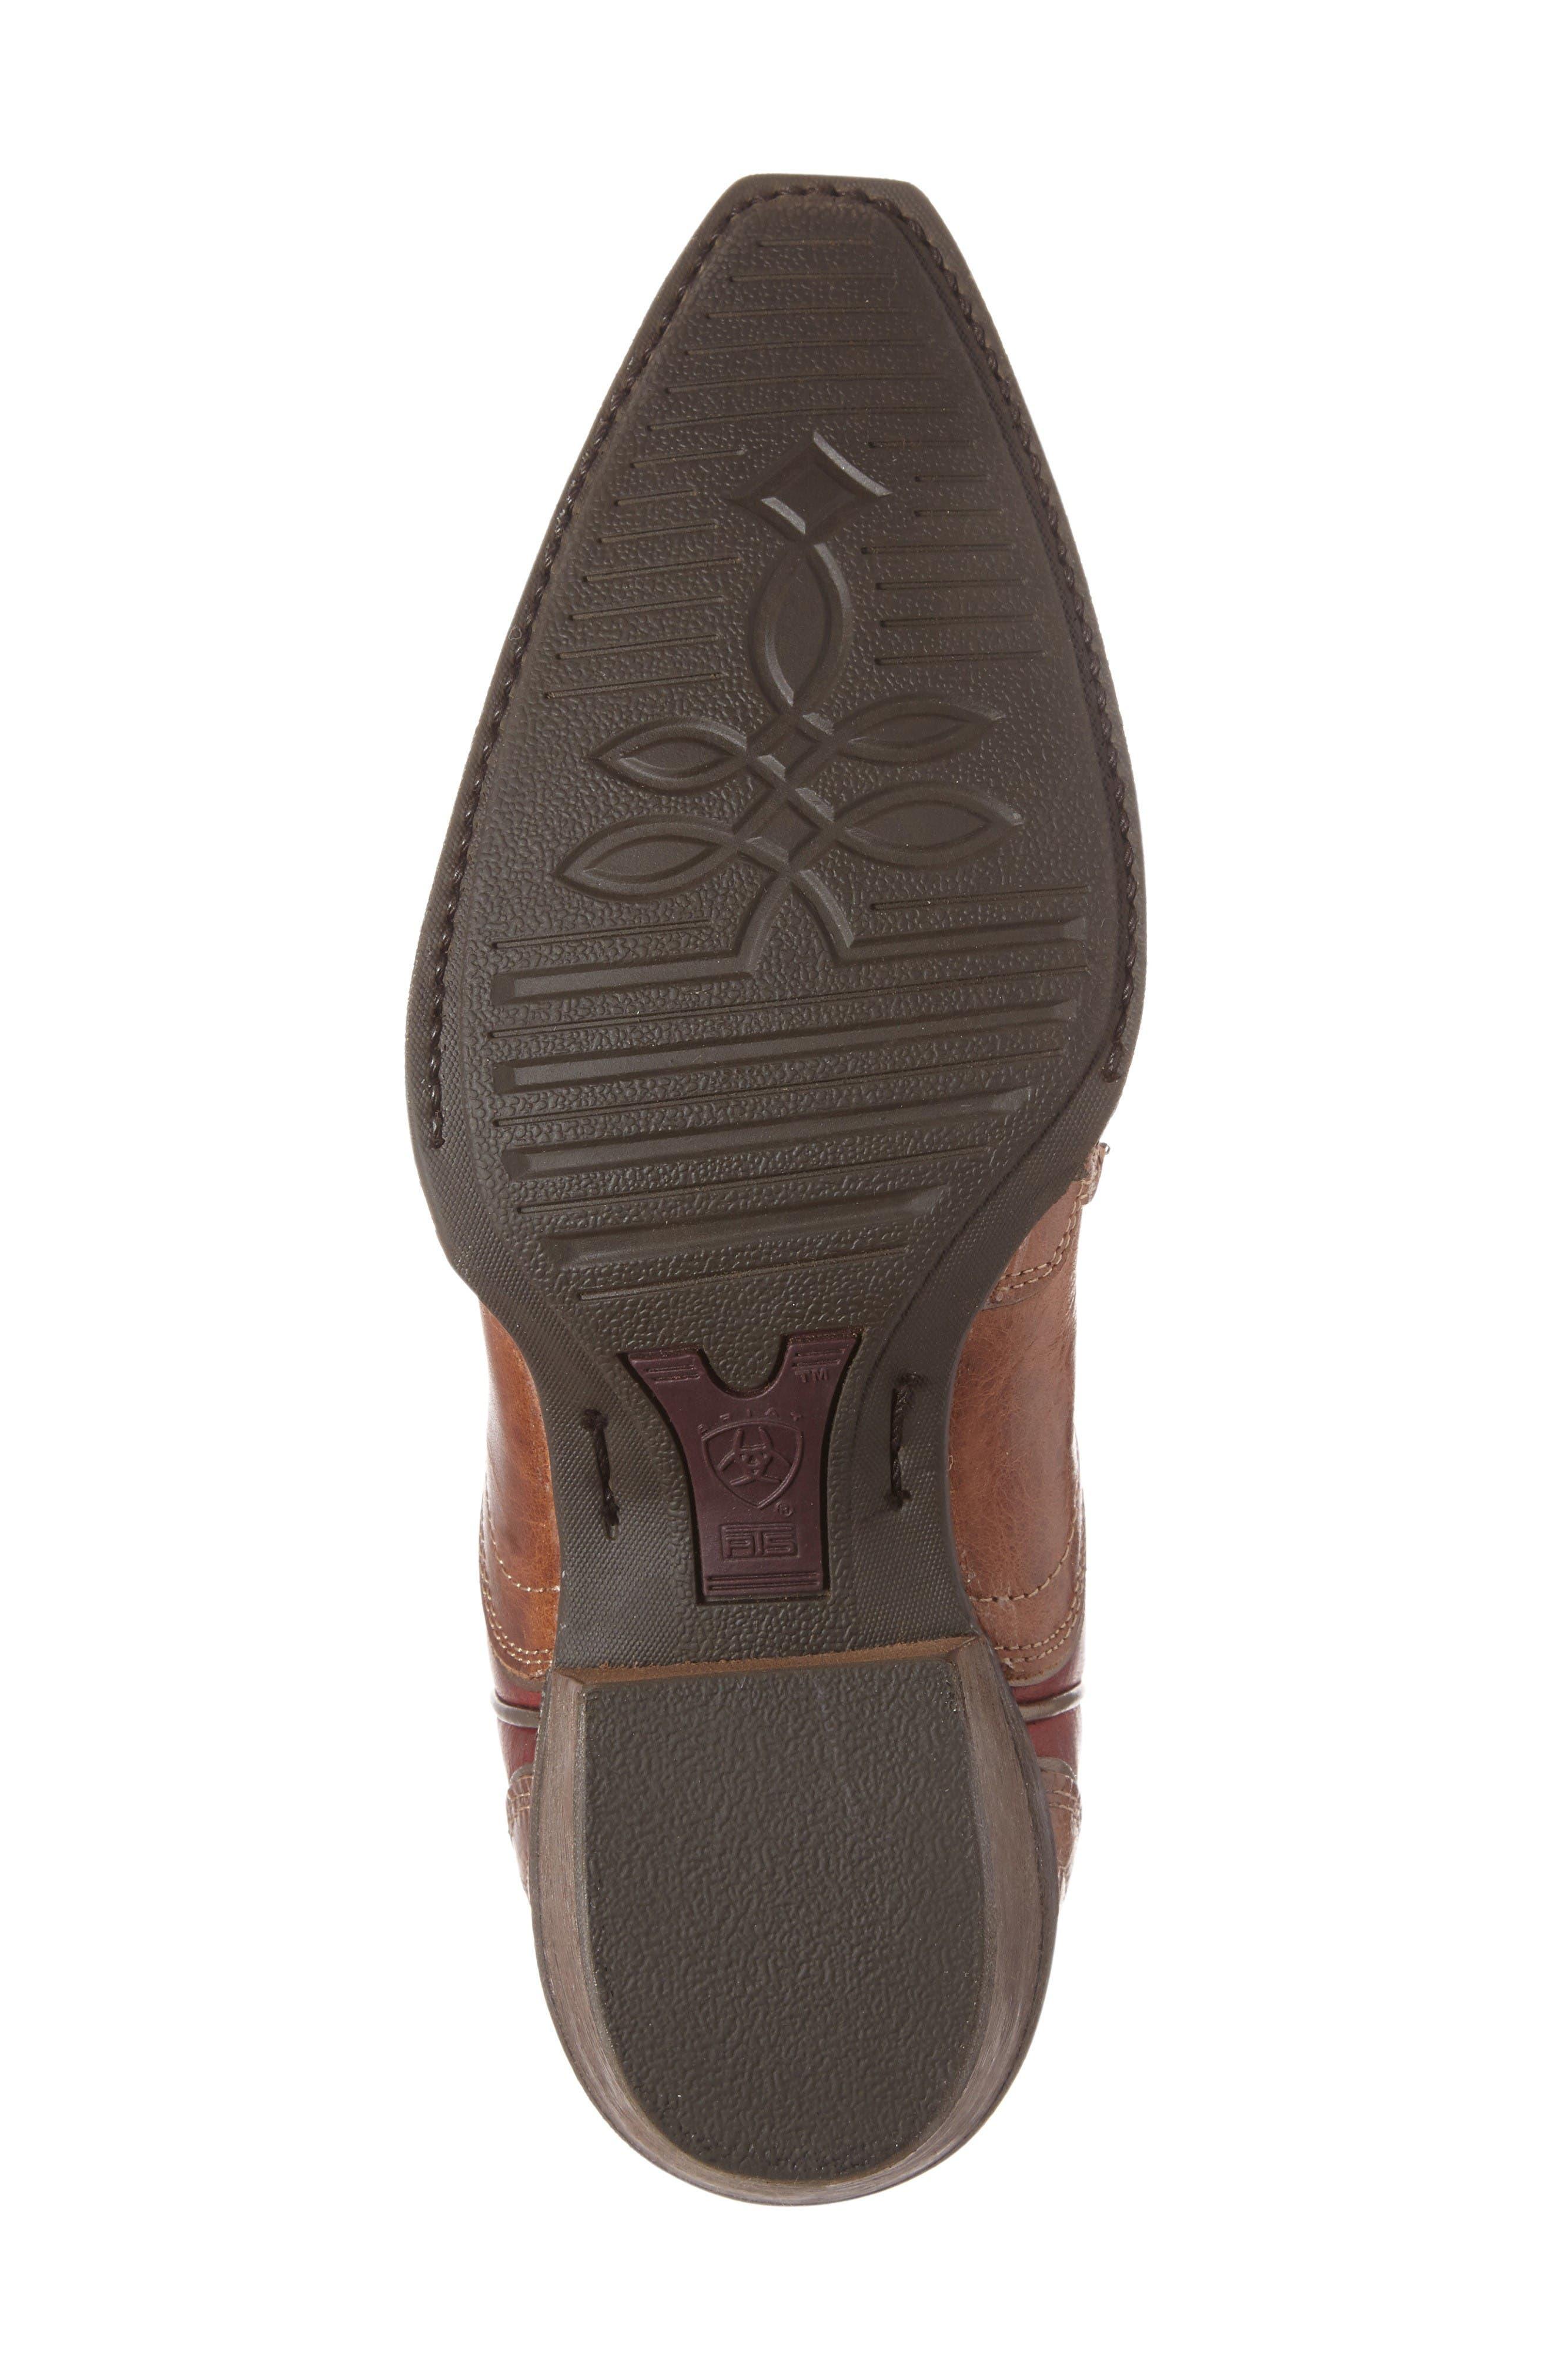 Alternate Image 4  - Ariat Zealous Wingtip Western Boot (Women)